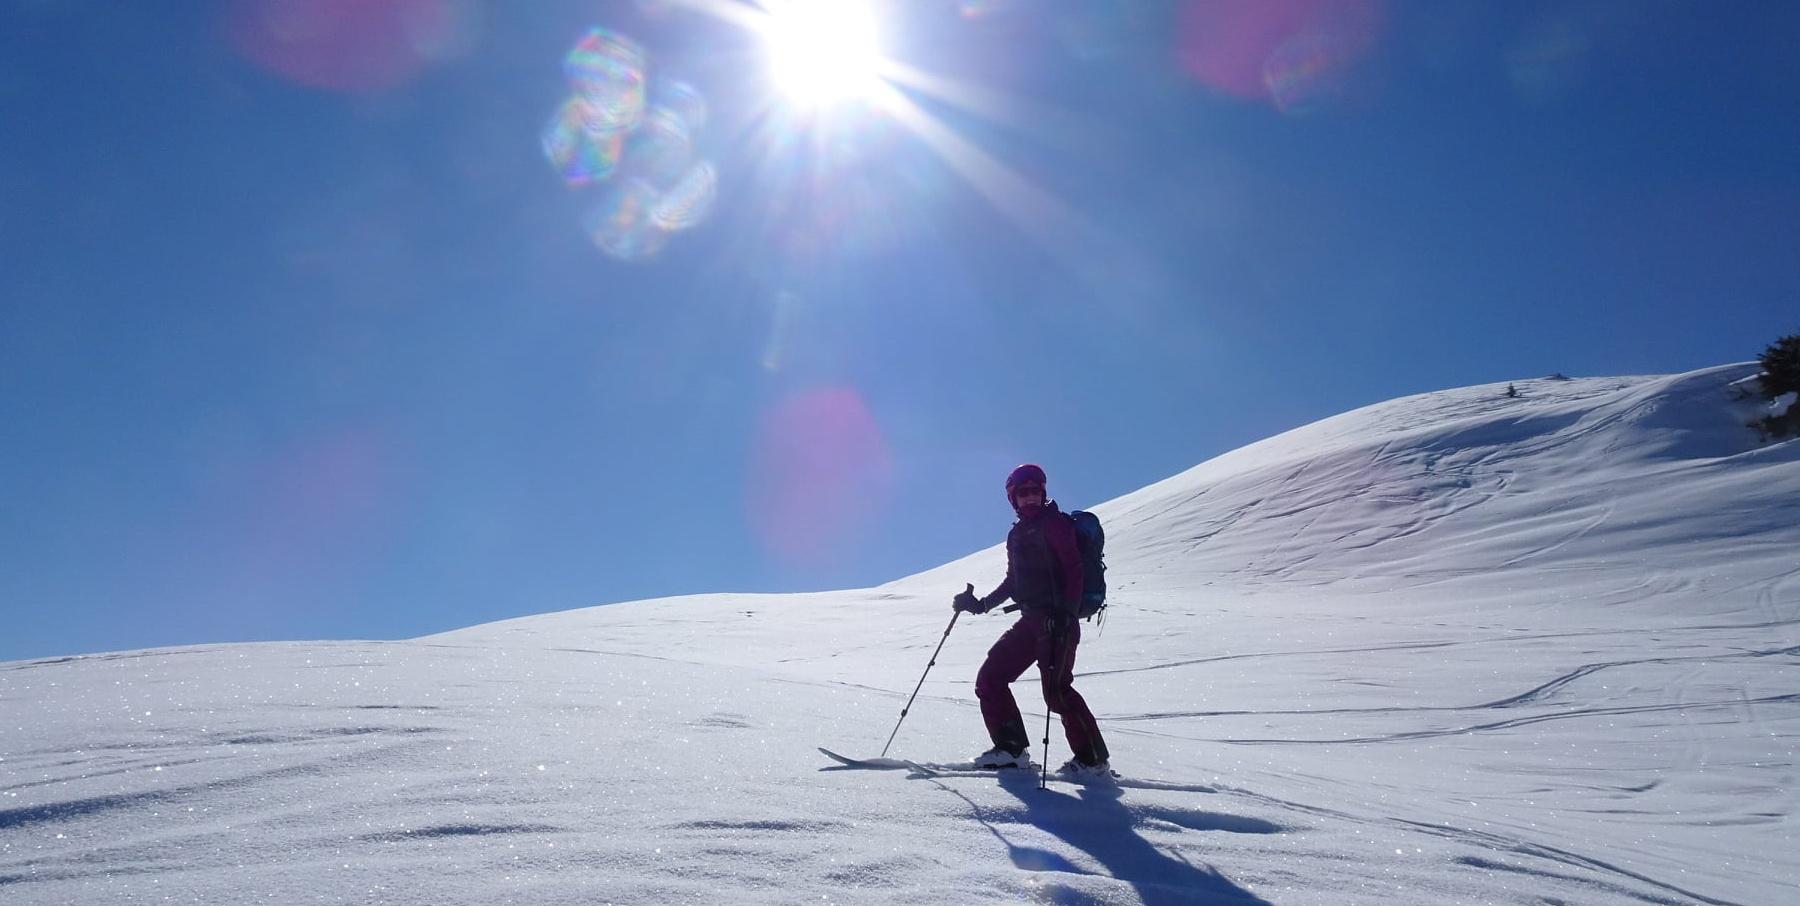 Softshelljacke Test: Leichte Softshelljacke Herren und Damen. Die besten Softshelljacke für Skitouren, Outdoor, Wandern und alpines Besteigen.